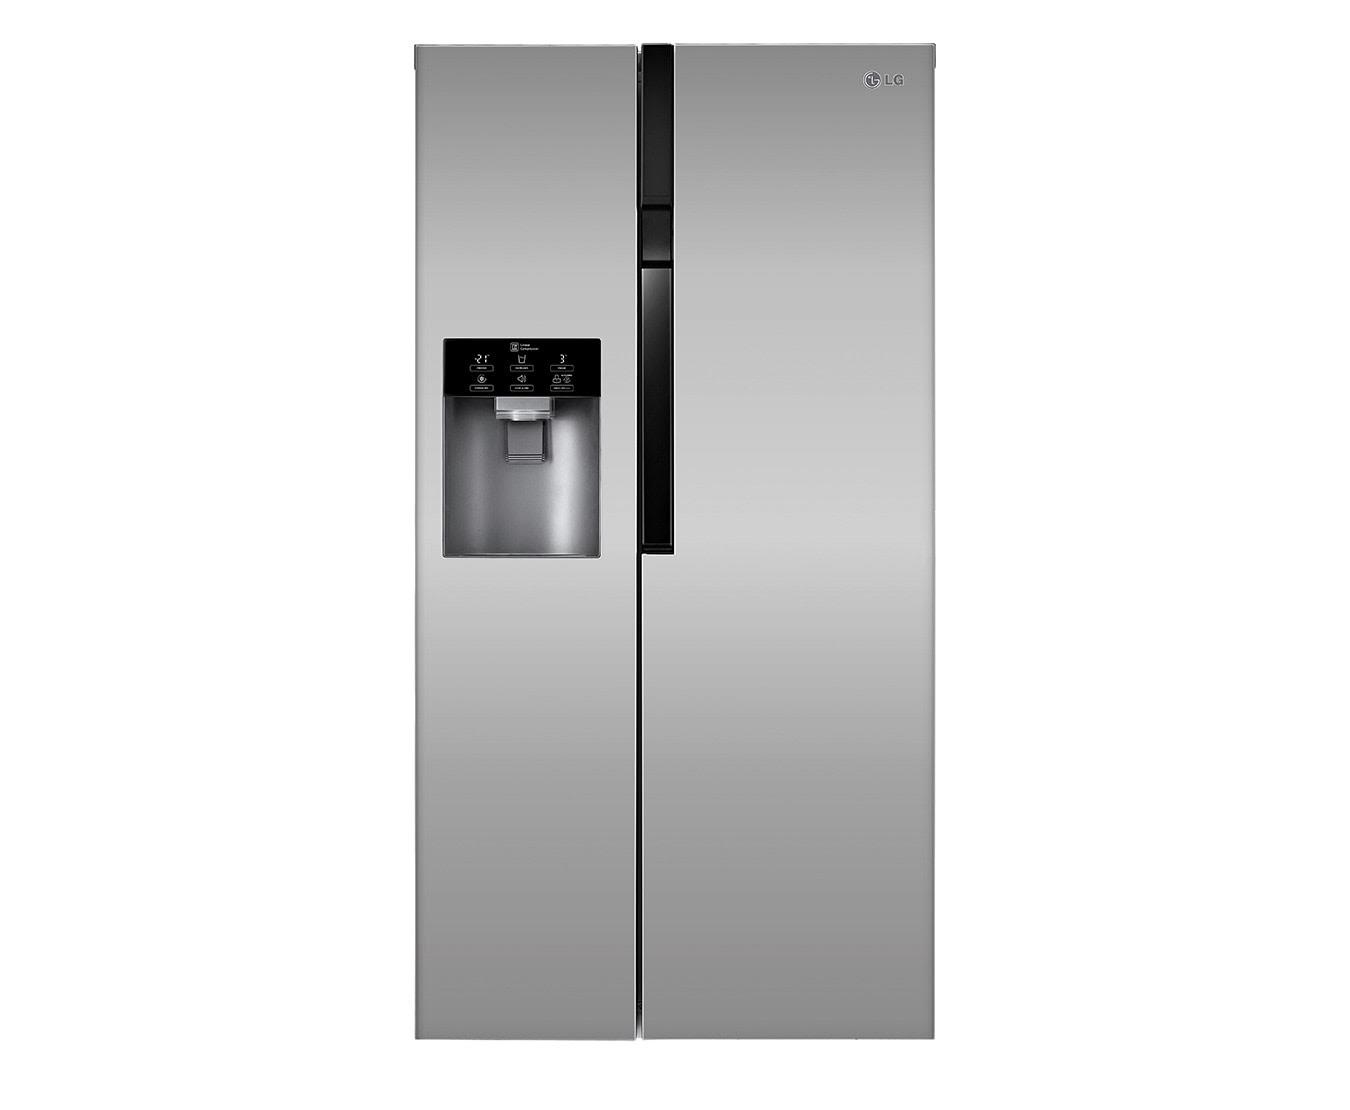 Siemens Kühlschrank Unterdruck : Privileg kühlschrank roter schalter maurine morton blog